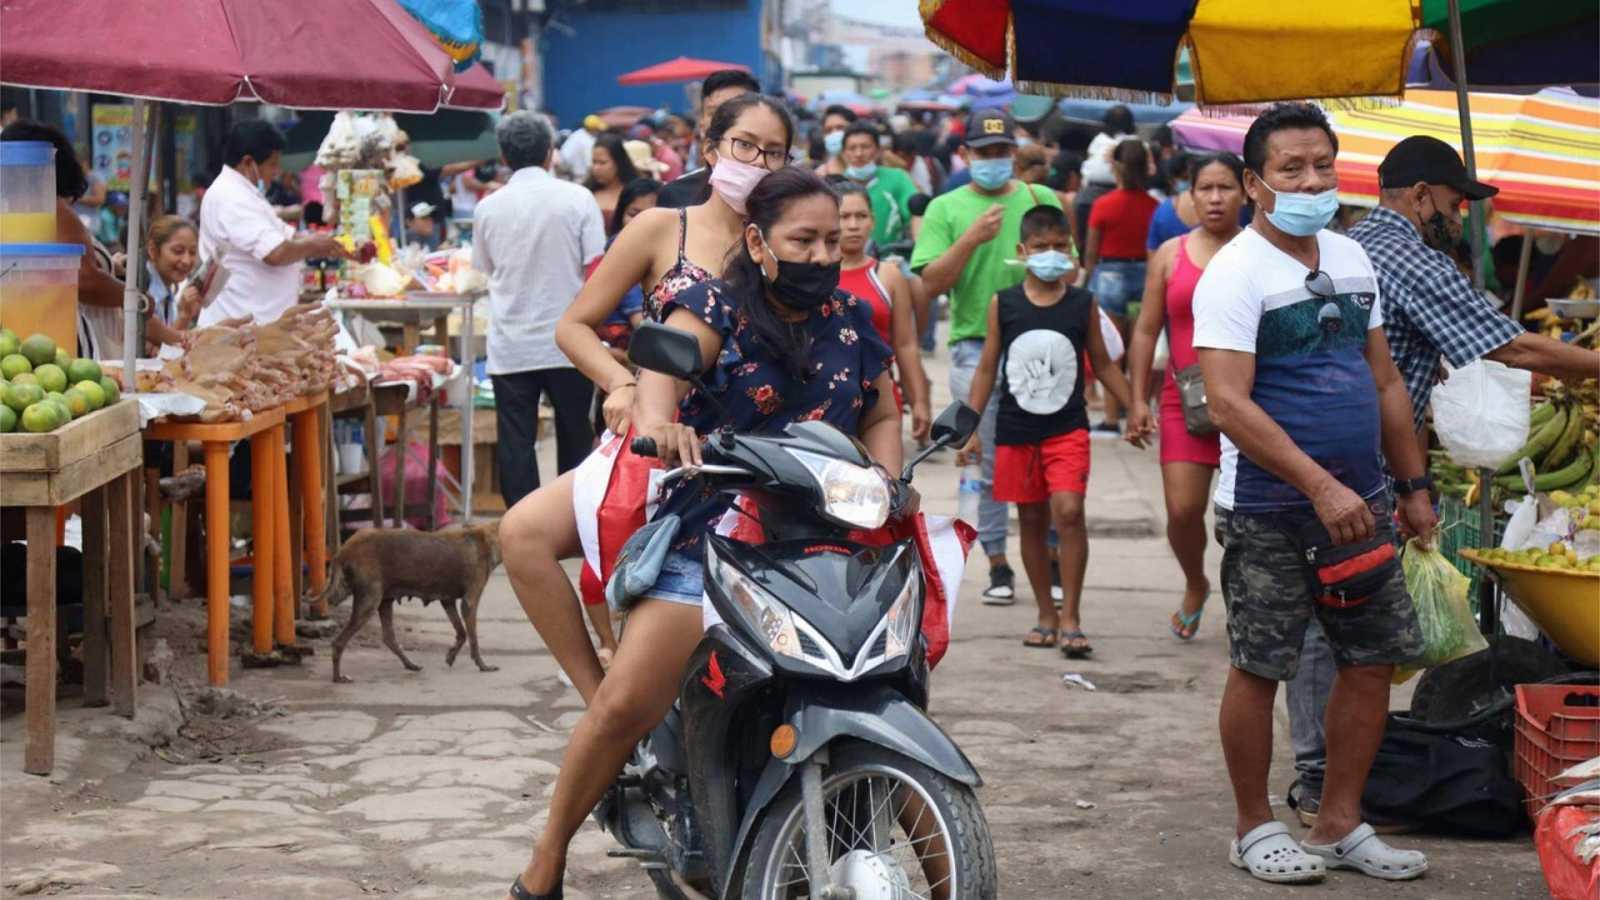 24 horas Fin de semana - El extraño caso de Iquitos en Perú que se declara exento de covid - Escuchar ahora